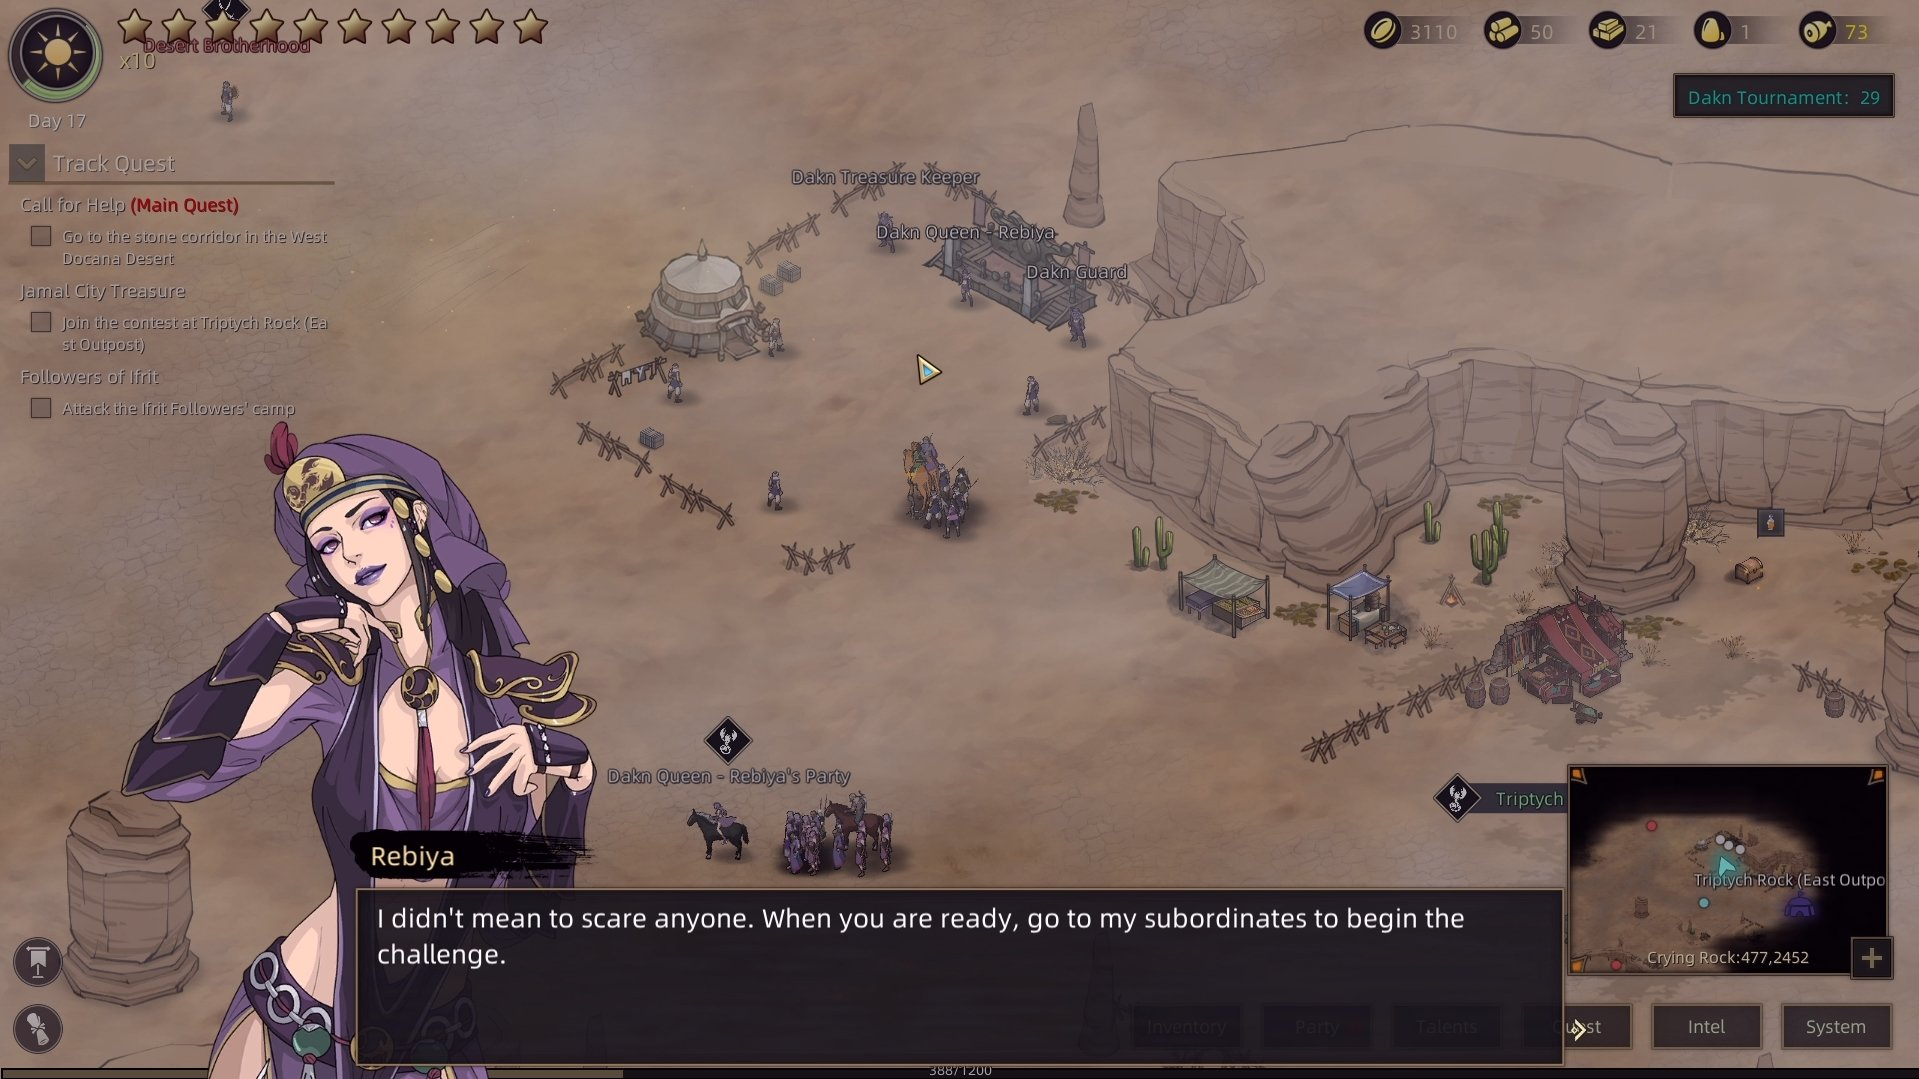 Sands of Salzaar - Dakn Tournament Riddle Answers